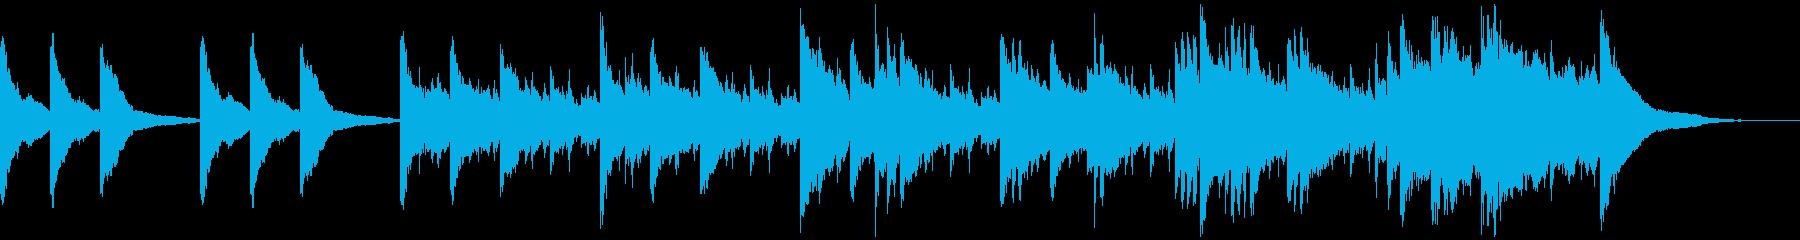 感動系ピアノソロの再生済みの波形